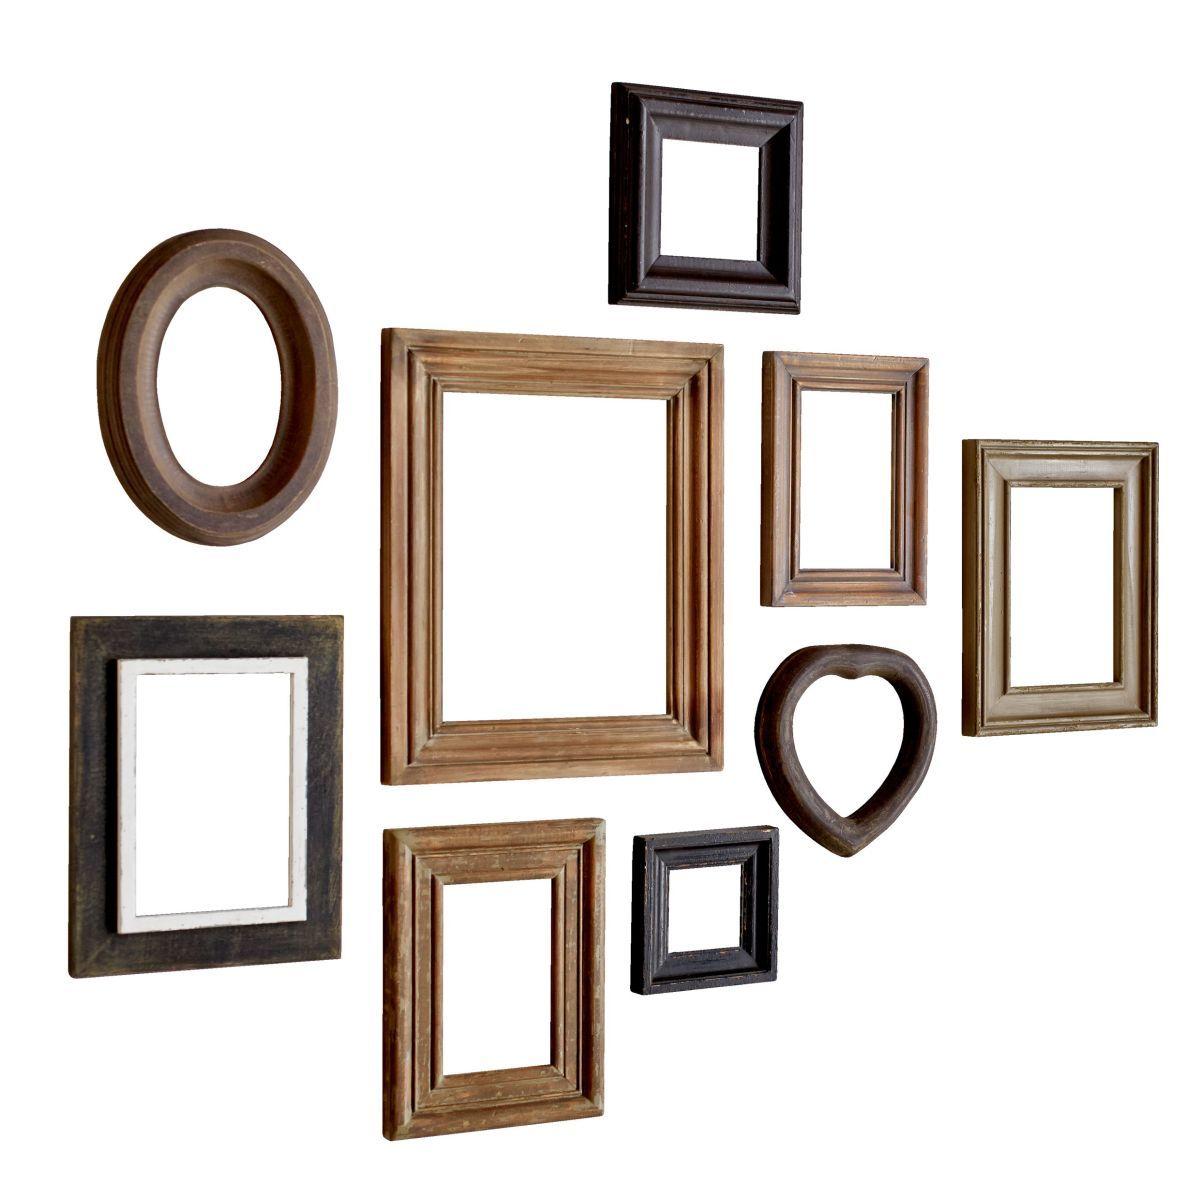 Bilderrahmen-Set, 9-tlg. Wood, Antik-Look, Holz Jetzt bestellen ...